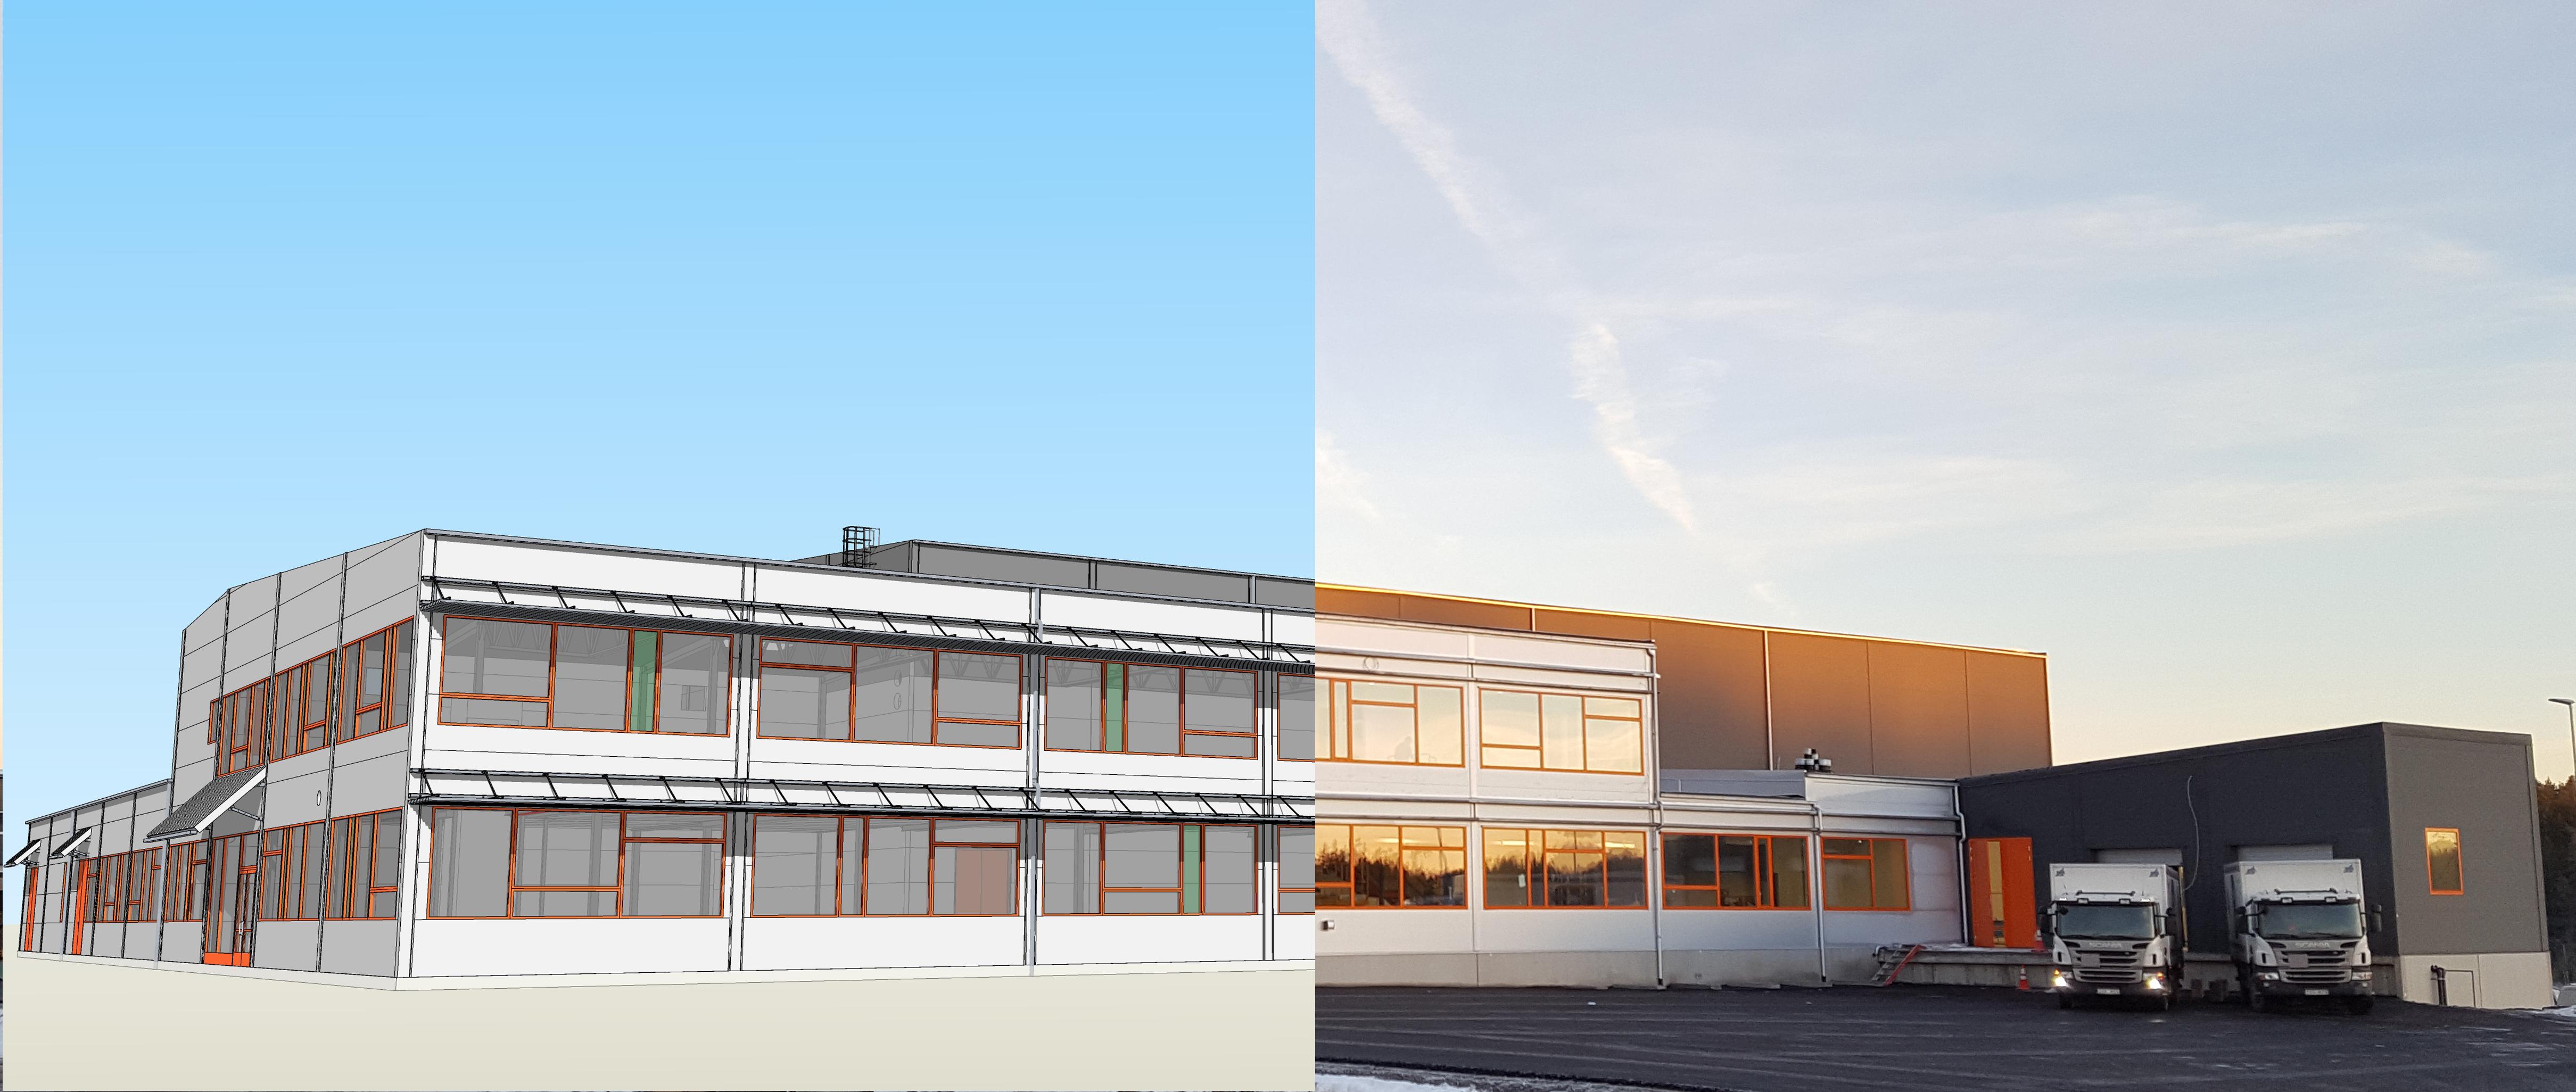 Northpower Stålhallar wykorzystuje SketchUp od początku projektu po jego realizację.